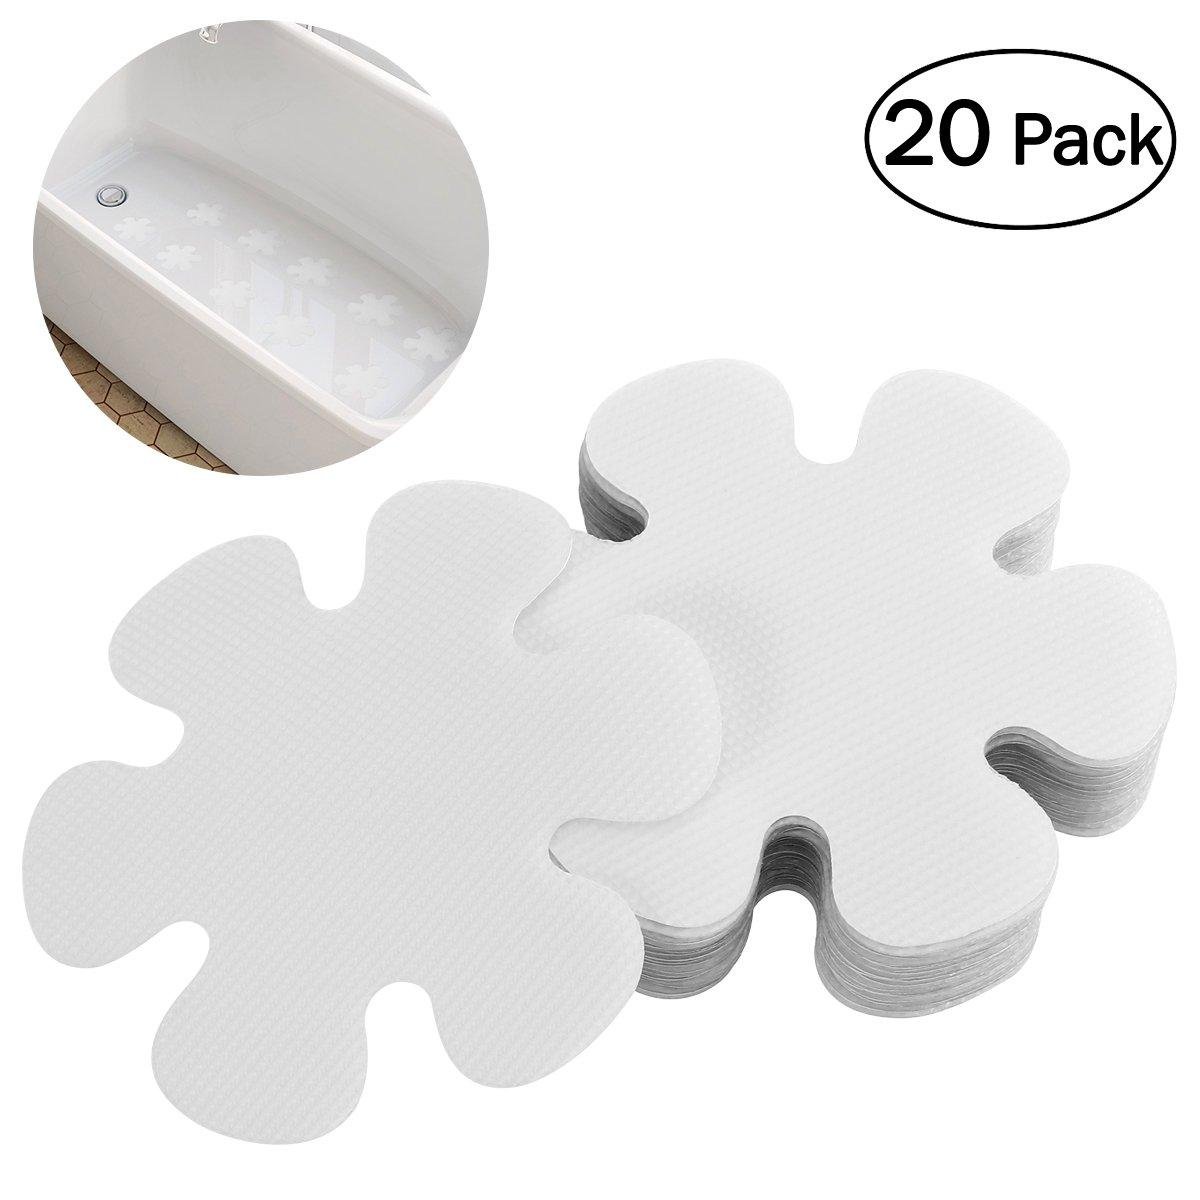 OUNONA 20PCS a forma di fiore inserti antiscivolo adesivi sicurezza vasca da bagno per doccia 10cm (trasparente) FEMDBUFJBJB527